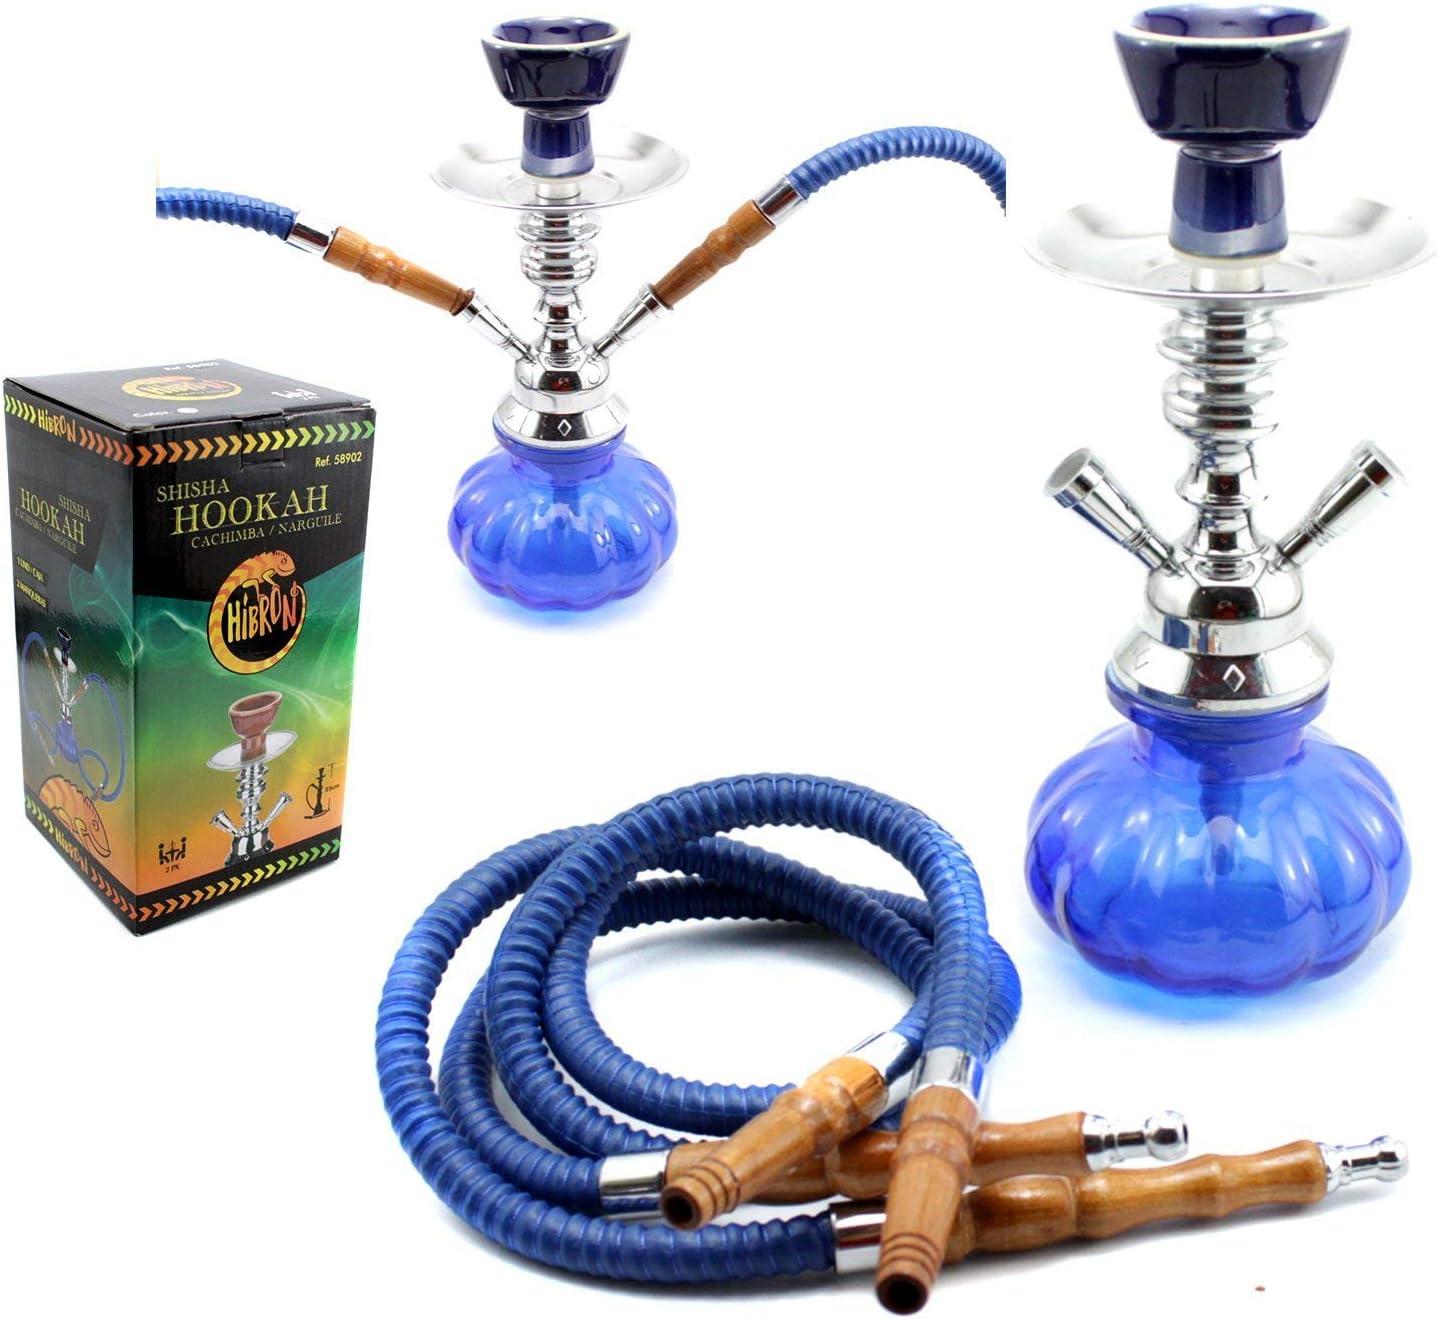 HIBRON® Cachimba shisha hookha pequeña 25cm 2 mangueras, kit de iniciación completa premium (azul)